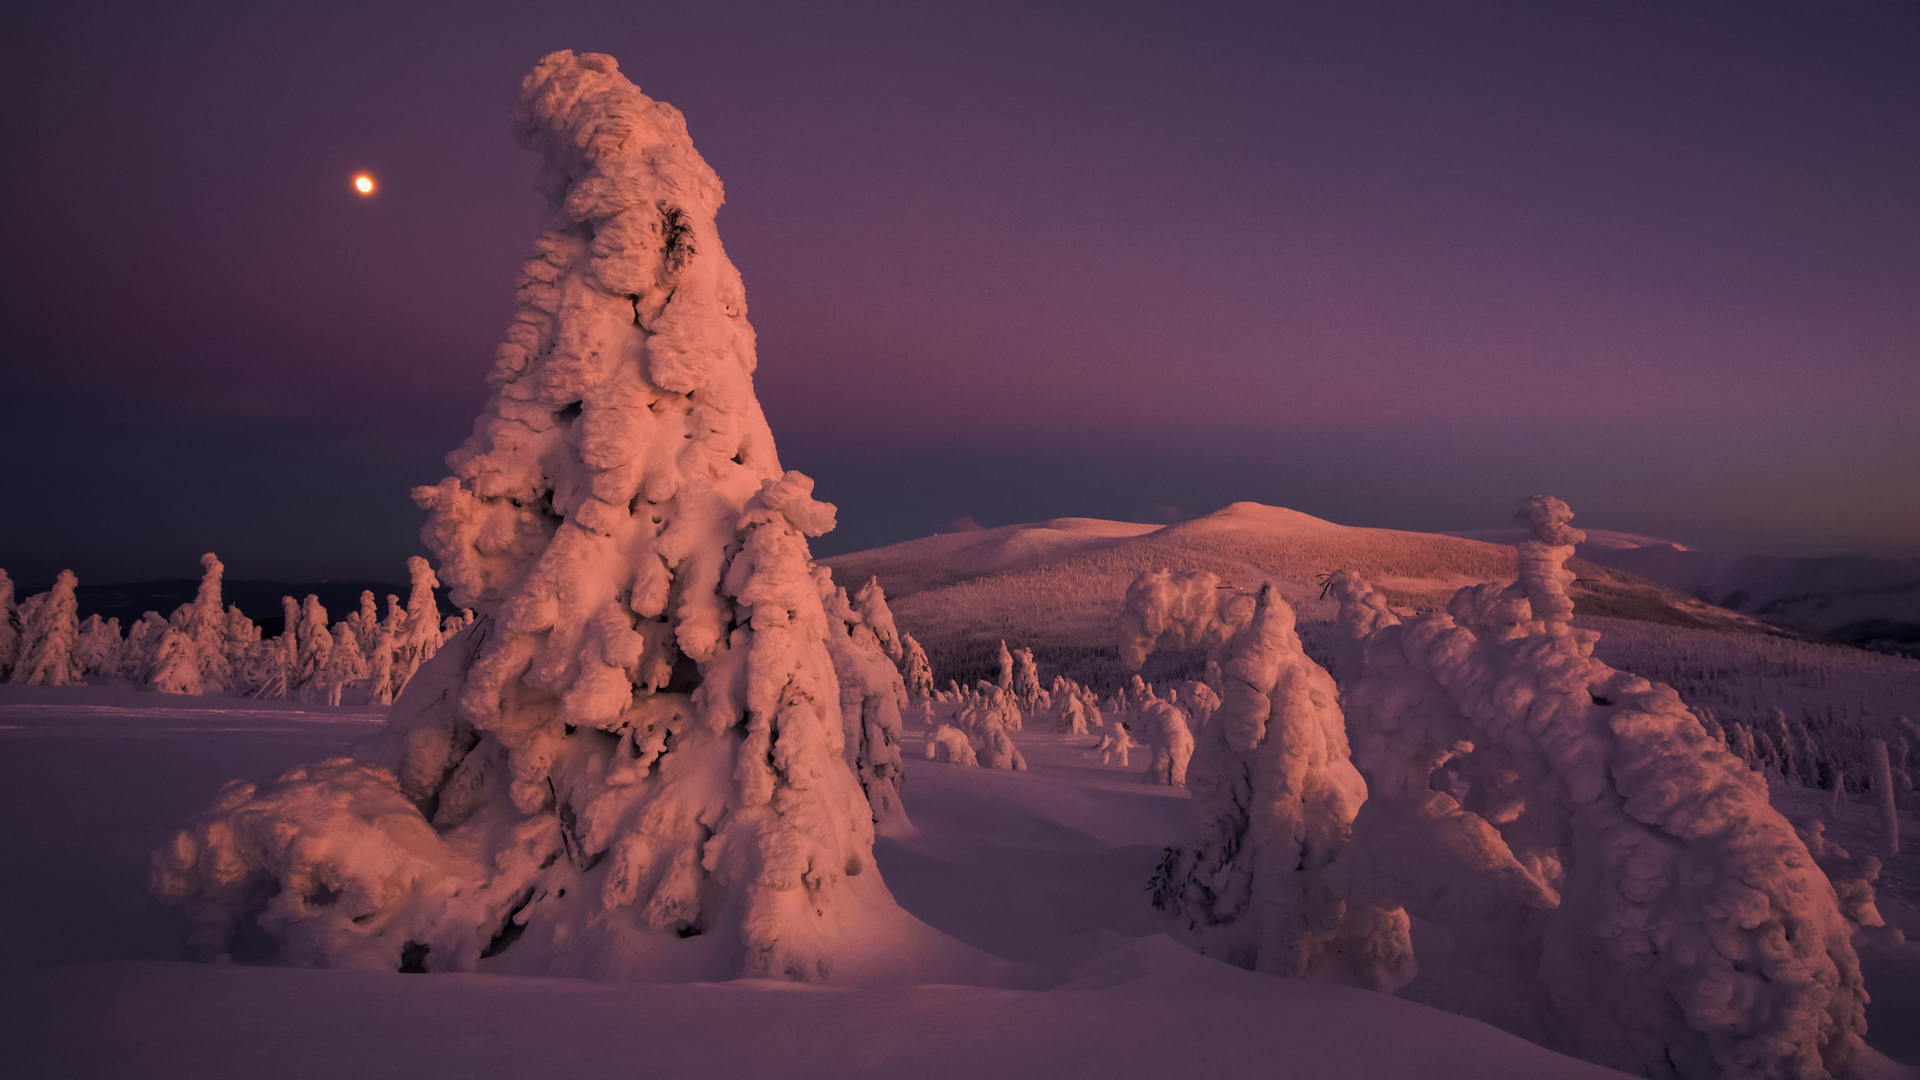 Cicha nocKsiężycowa zimowa noc nadprzełęczą Karkonoską fot.Krzysztof Romańczukiewicz